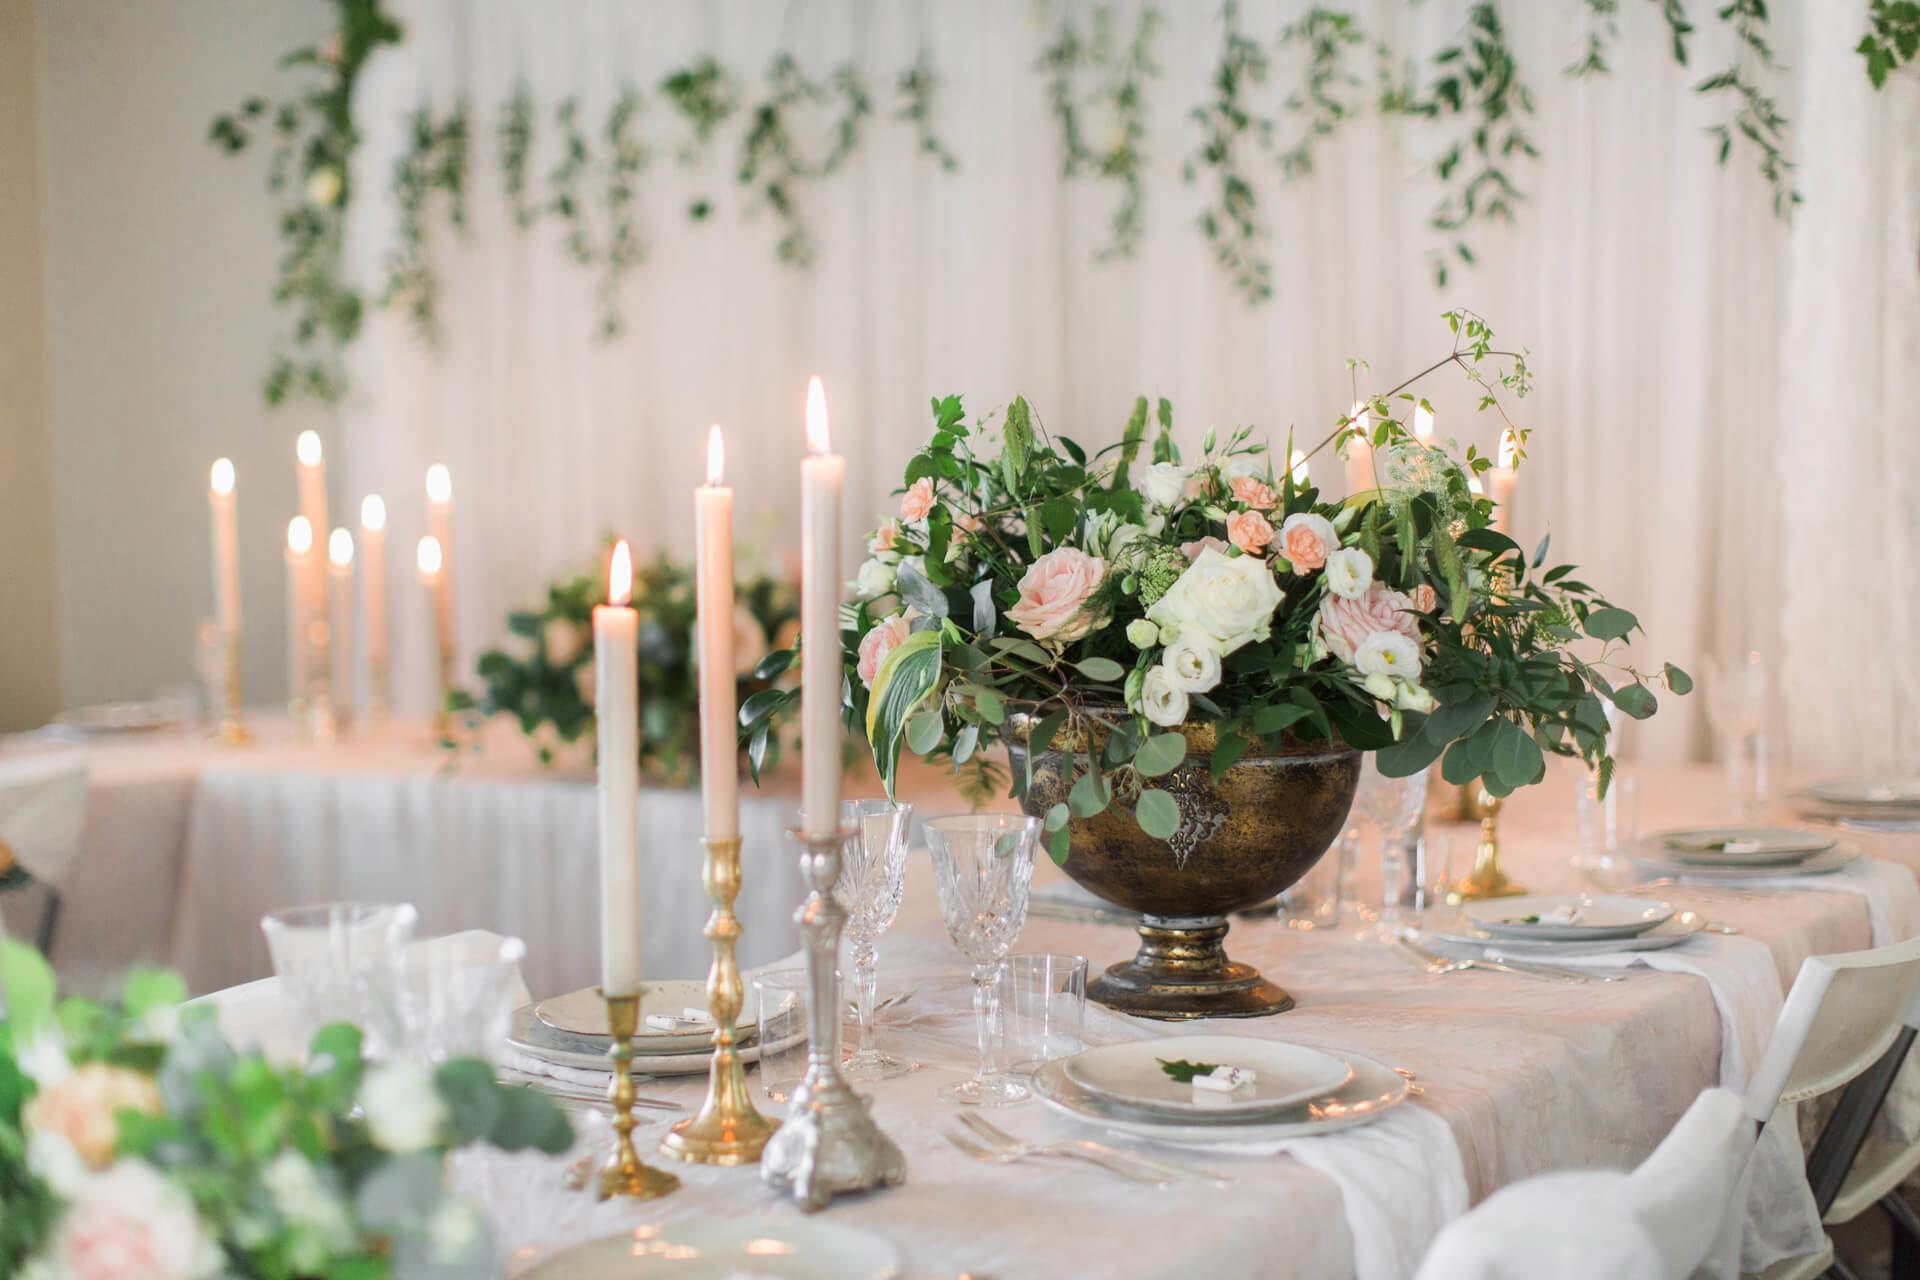 Allt om bröllop artikelfotografering